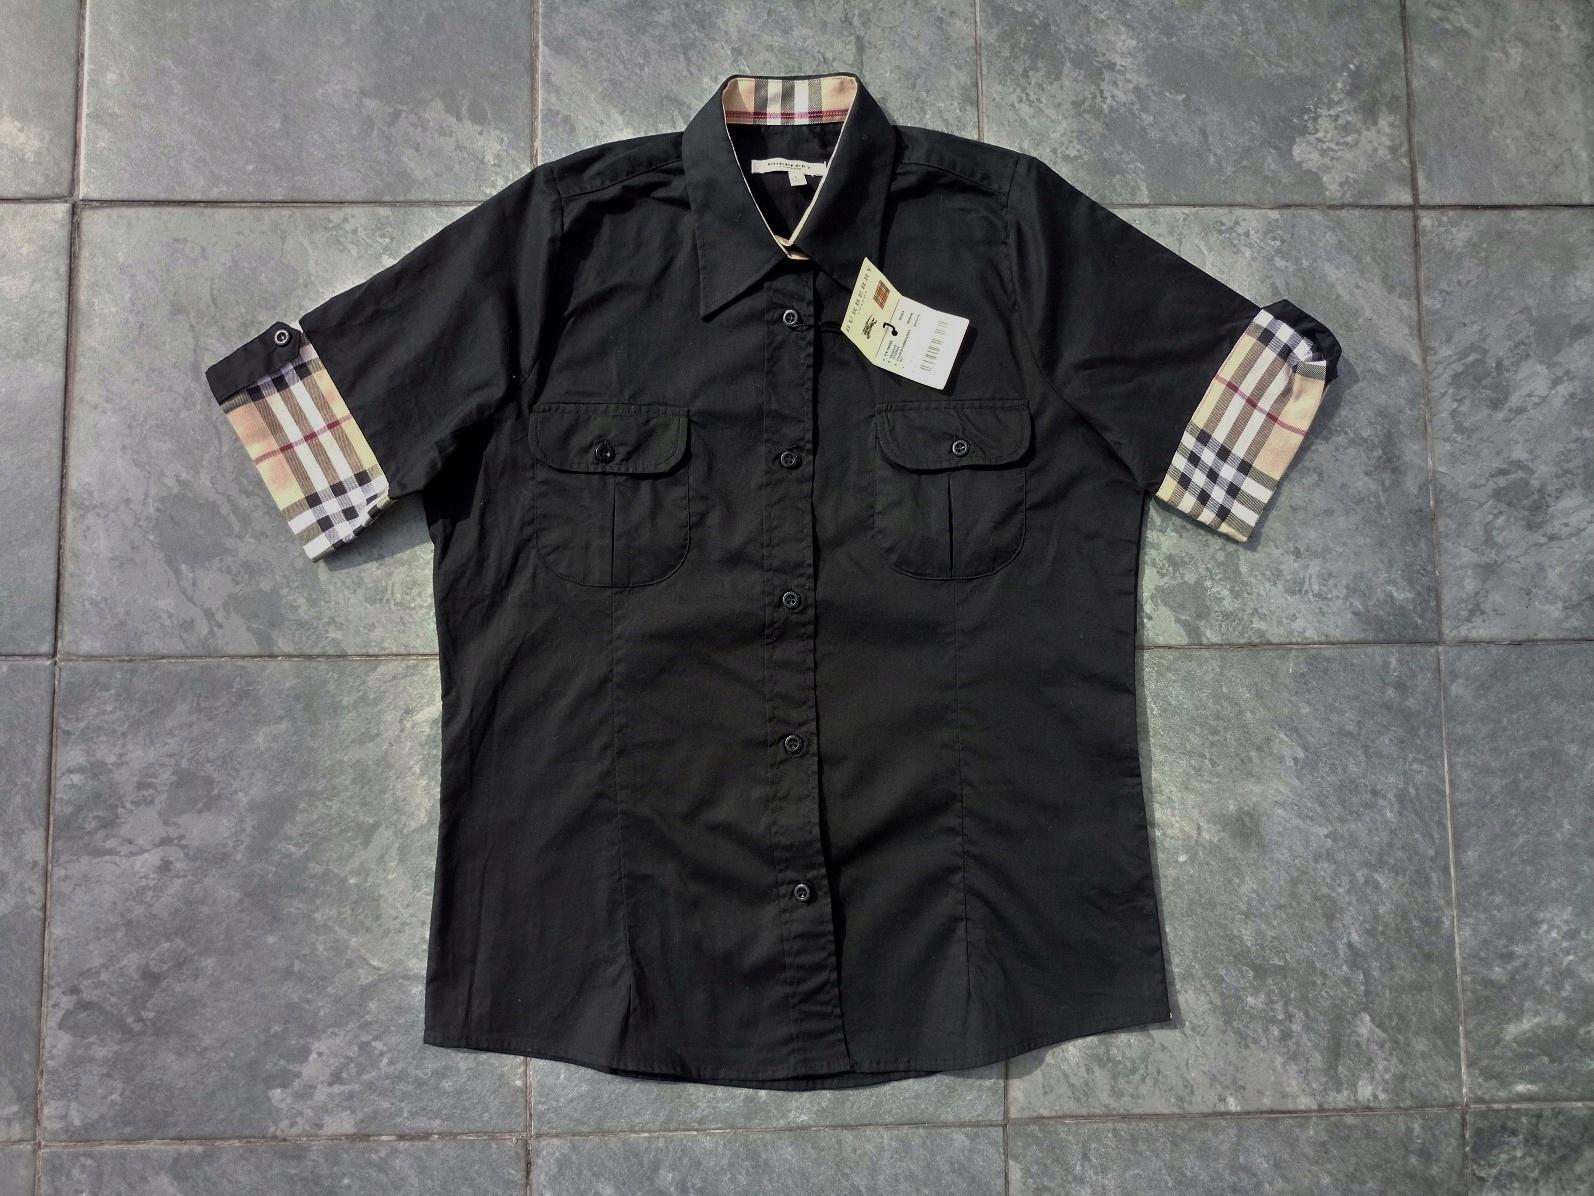 c9ab82ad4 burberry koszula BLUZKA damska rozm 38 M - 7538134768 - oficjalne ...